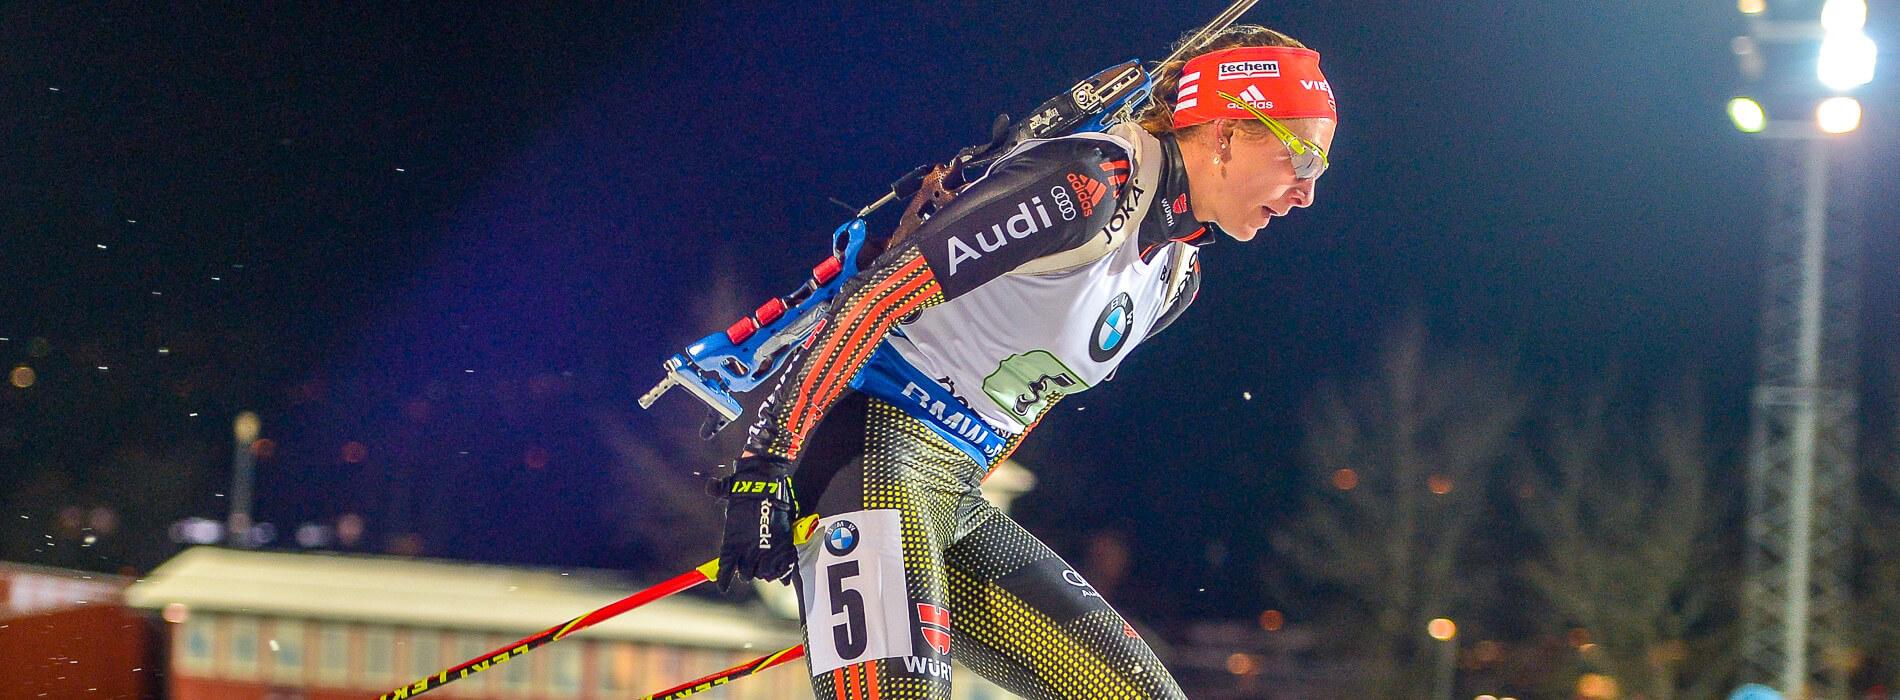 biathlon platzierungen heute